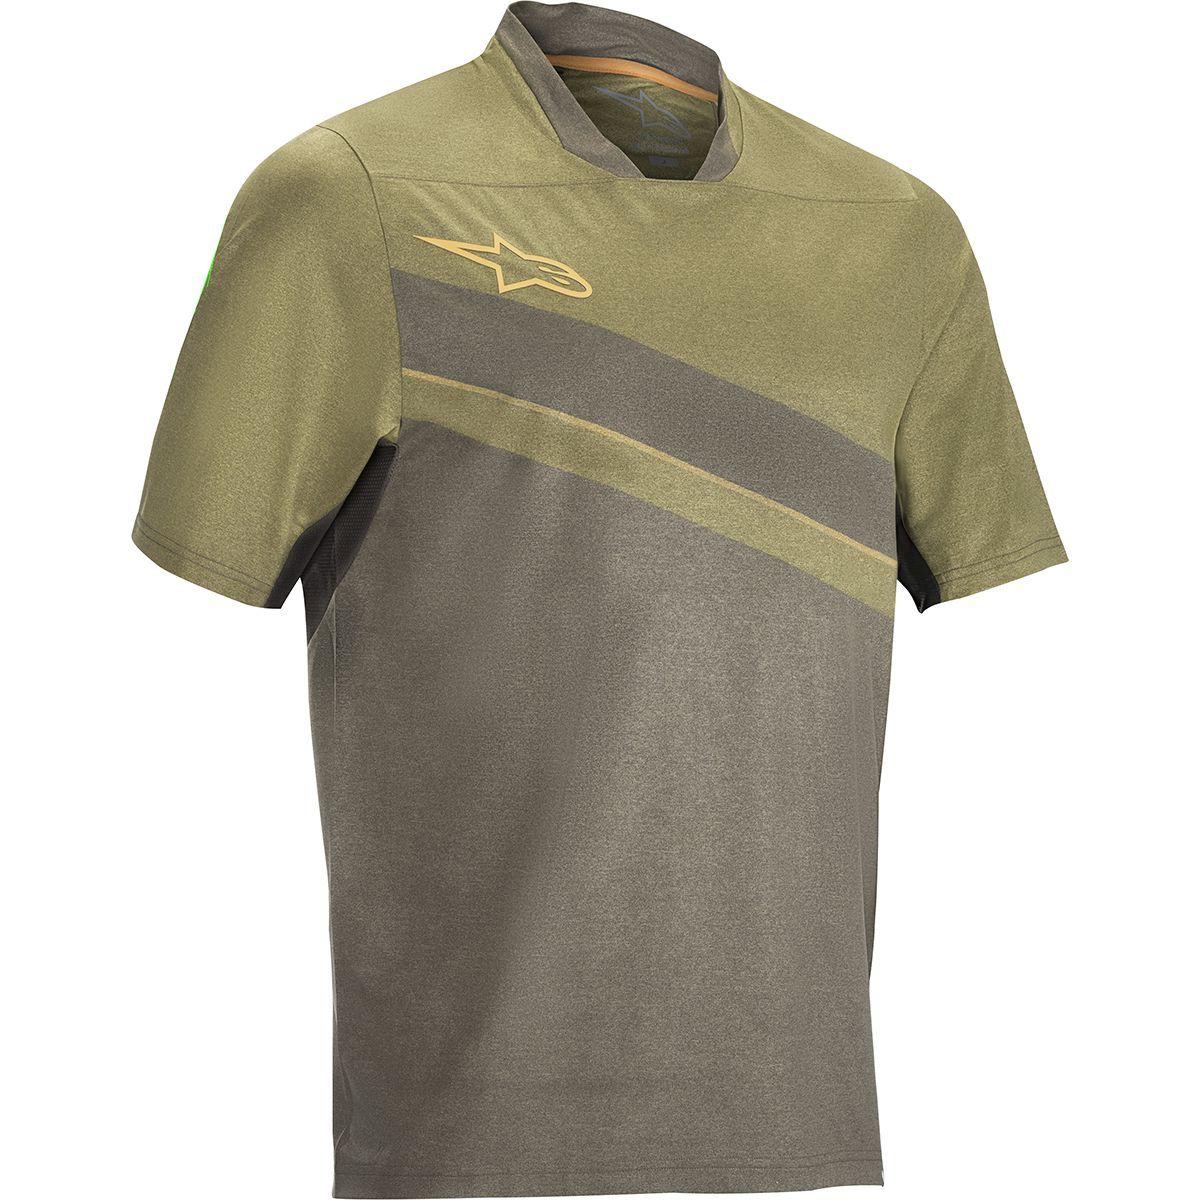 Alpinestars Alps 8.0 Short-Sleeve Jersey - Men's